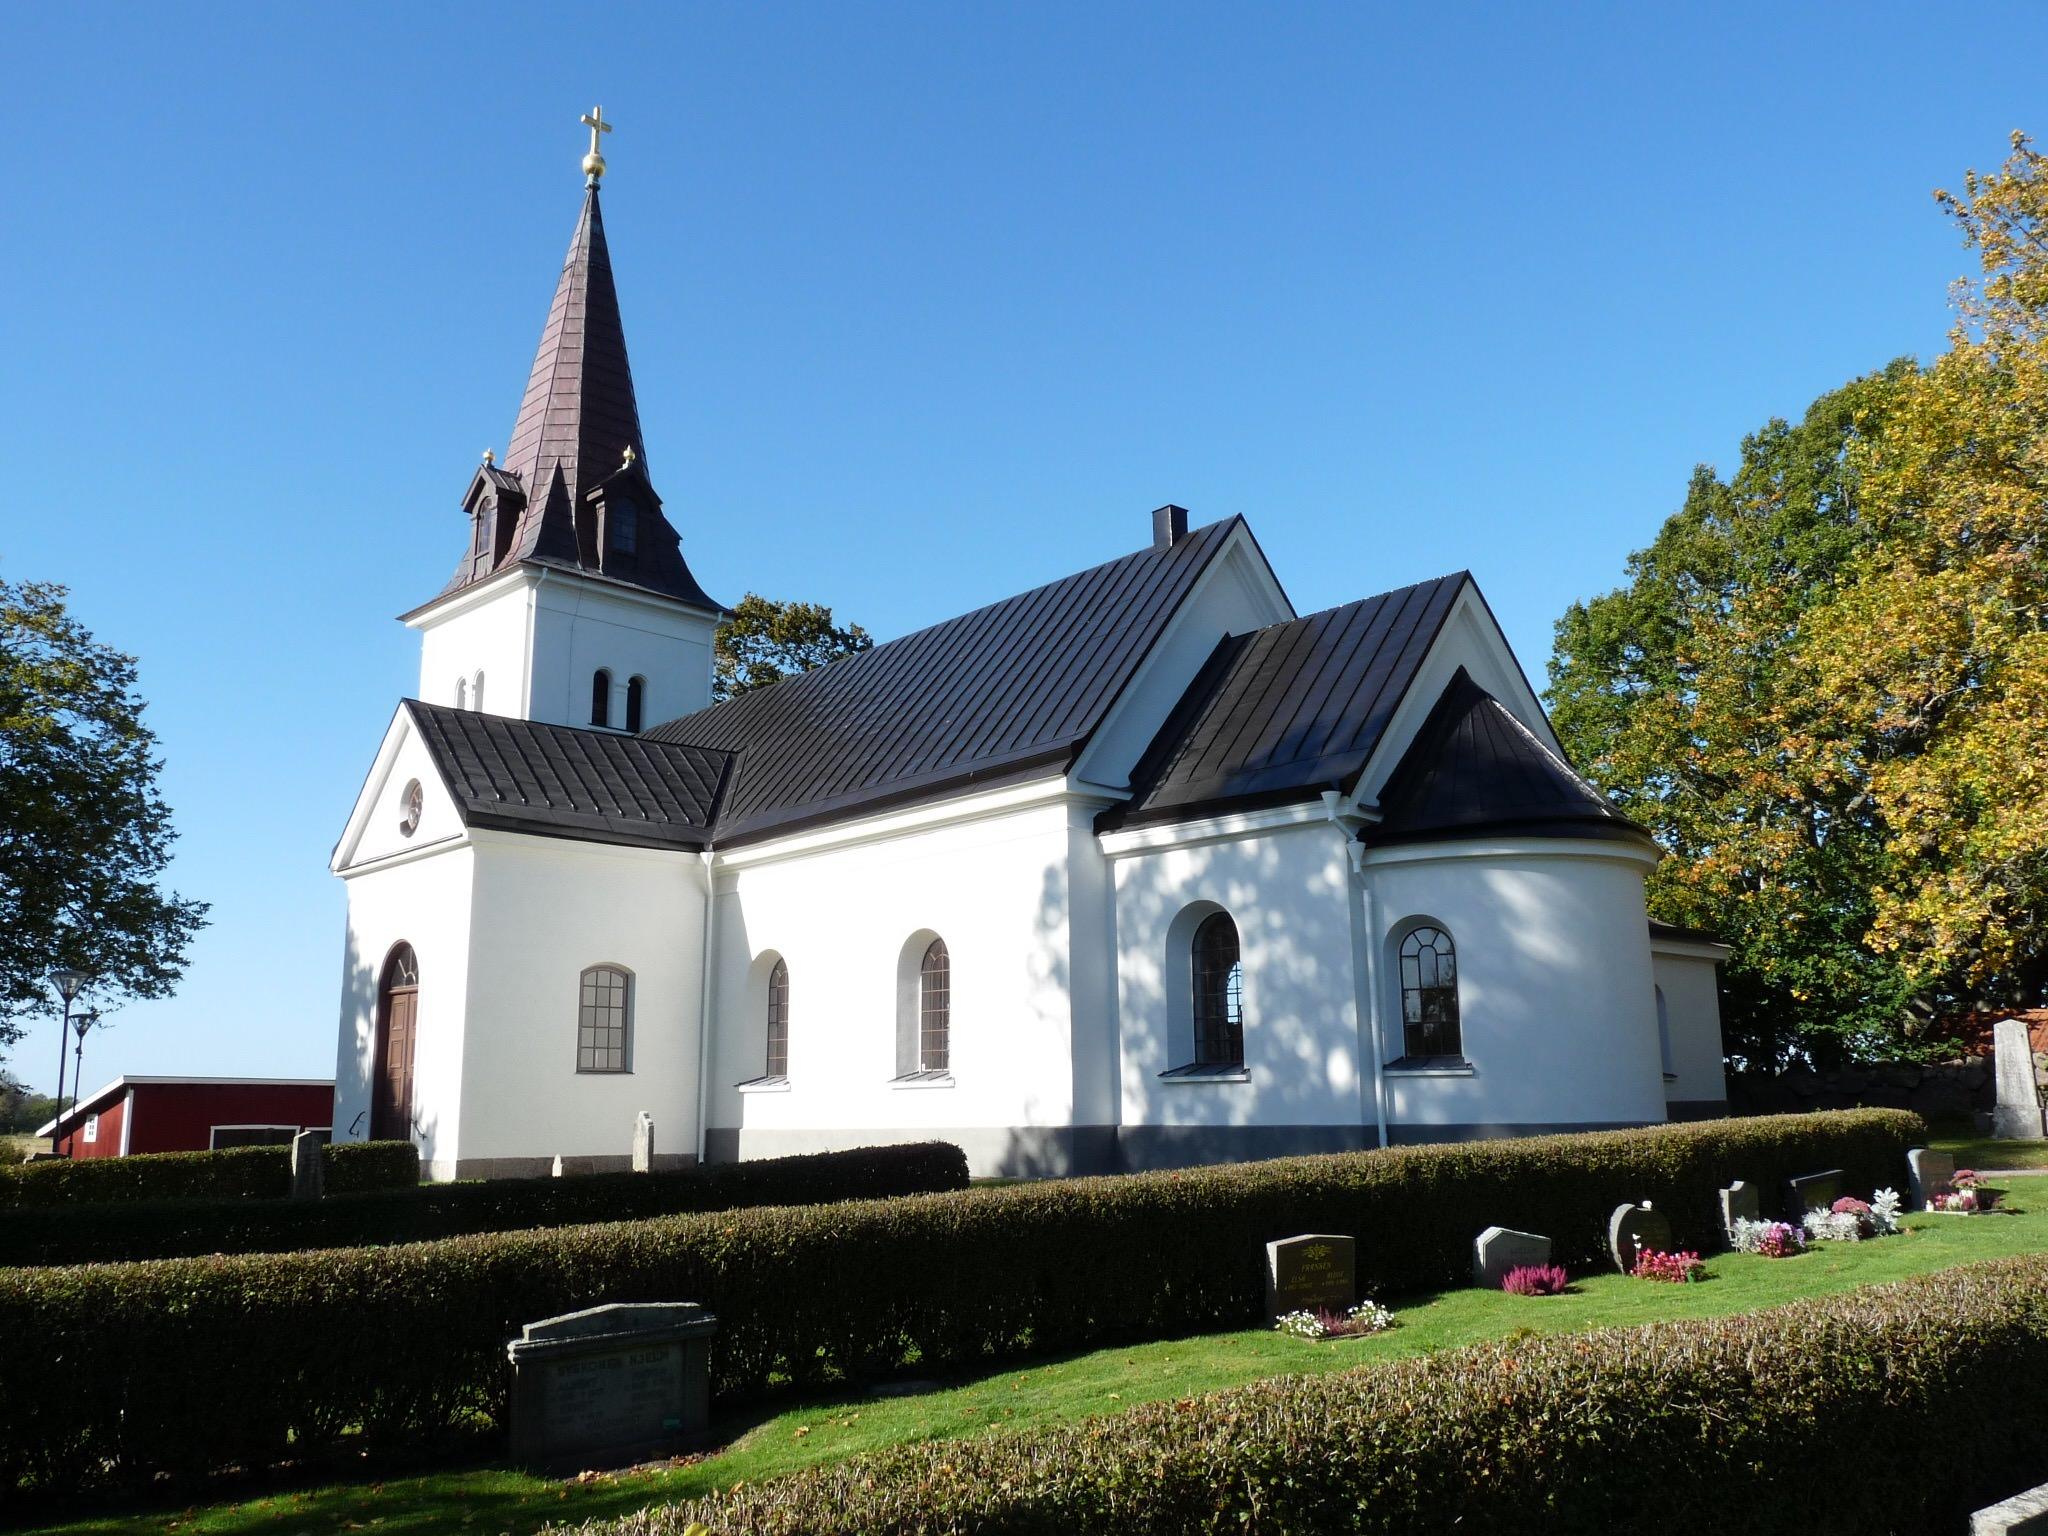 Putsad fasad på Östra harg kyrka